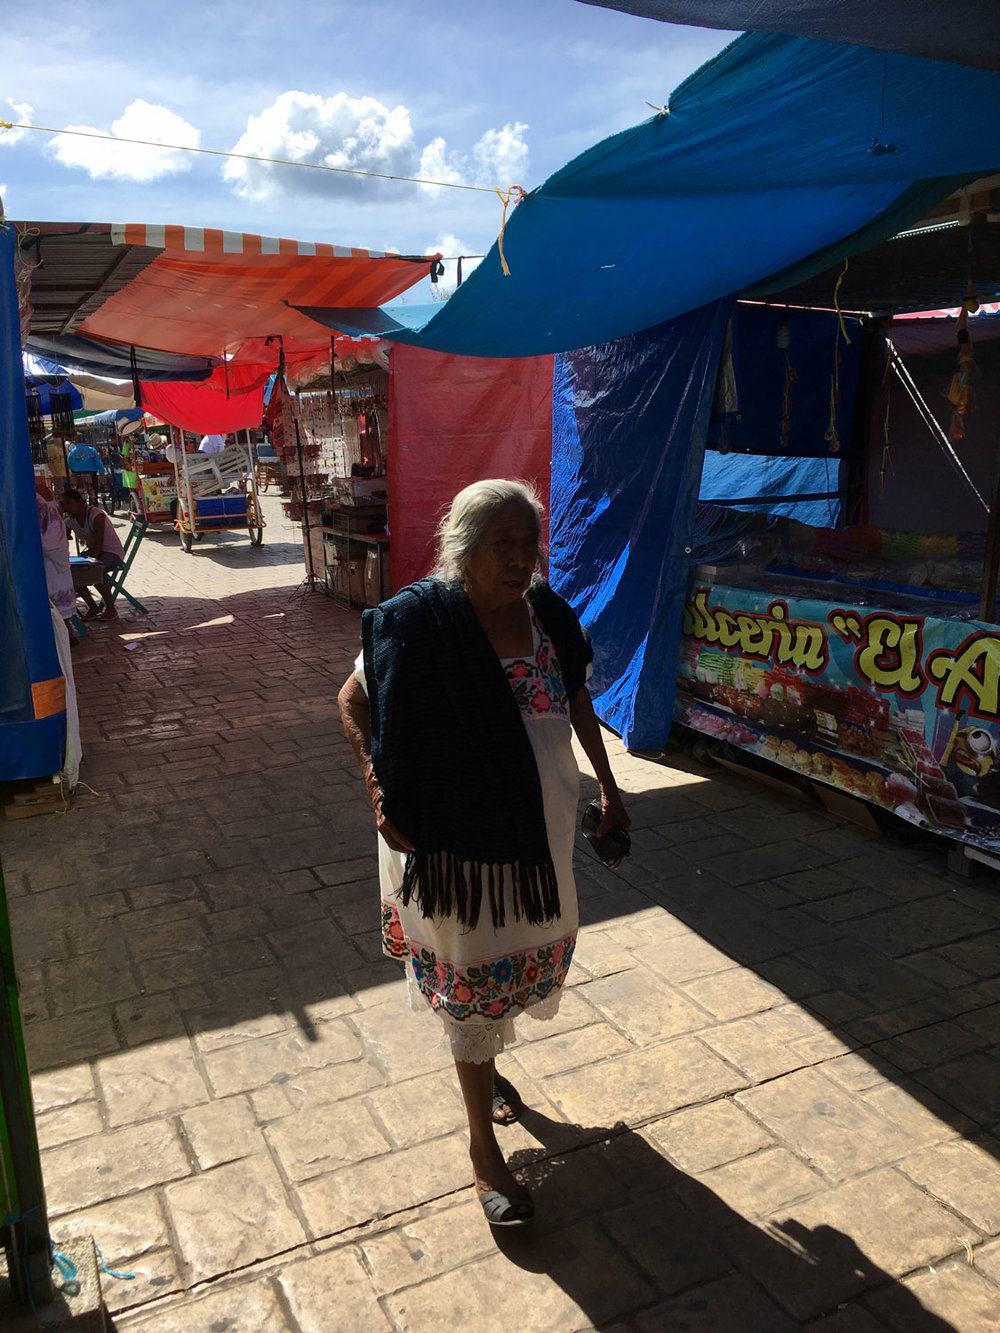 Hammocks_and_Ruins_Blog_Riviera_Maya_Mexico_Travel_Discover_Yucatan_What_to_do_Merida_Izamal_Town_85.jpg